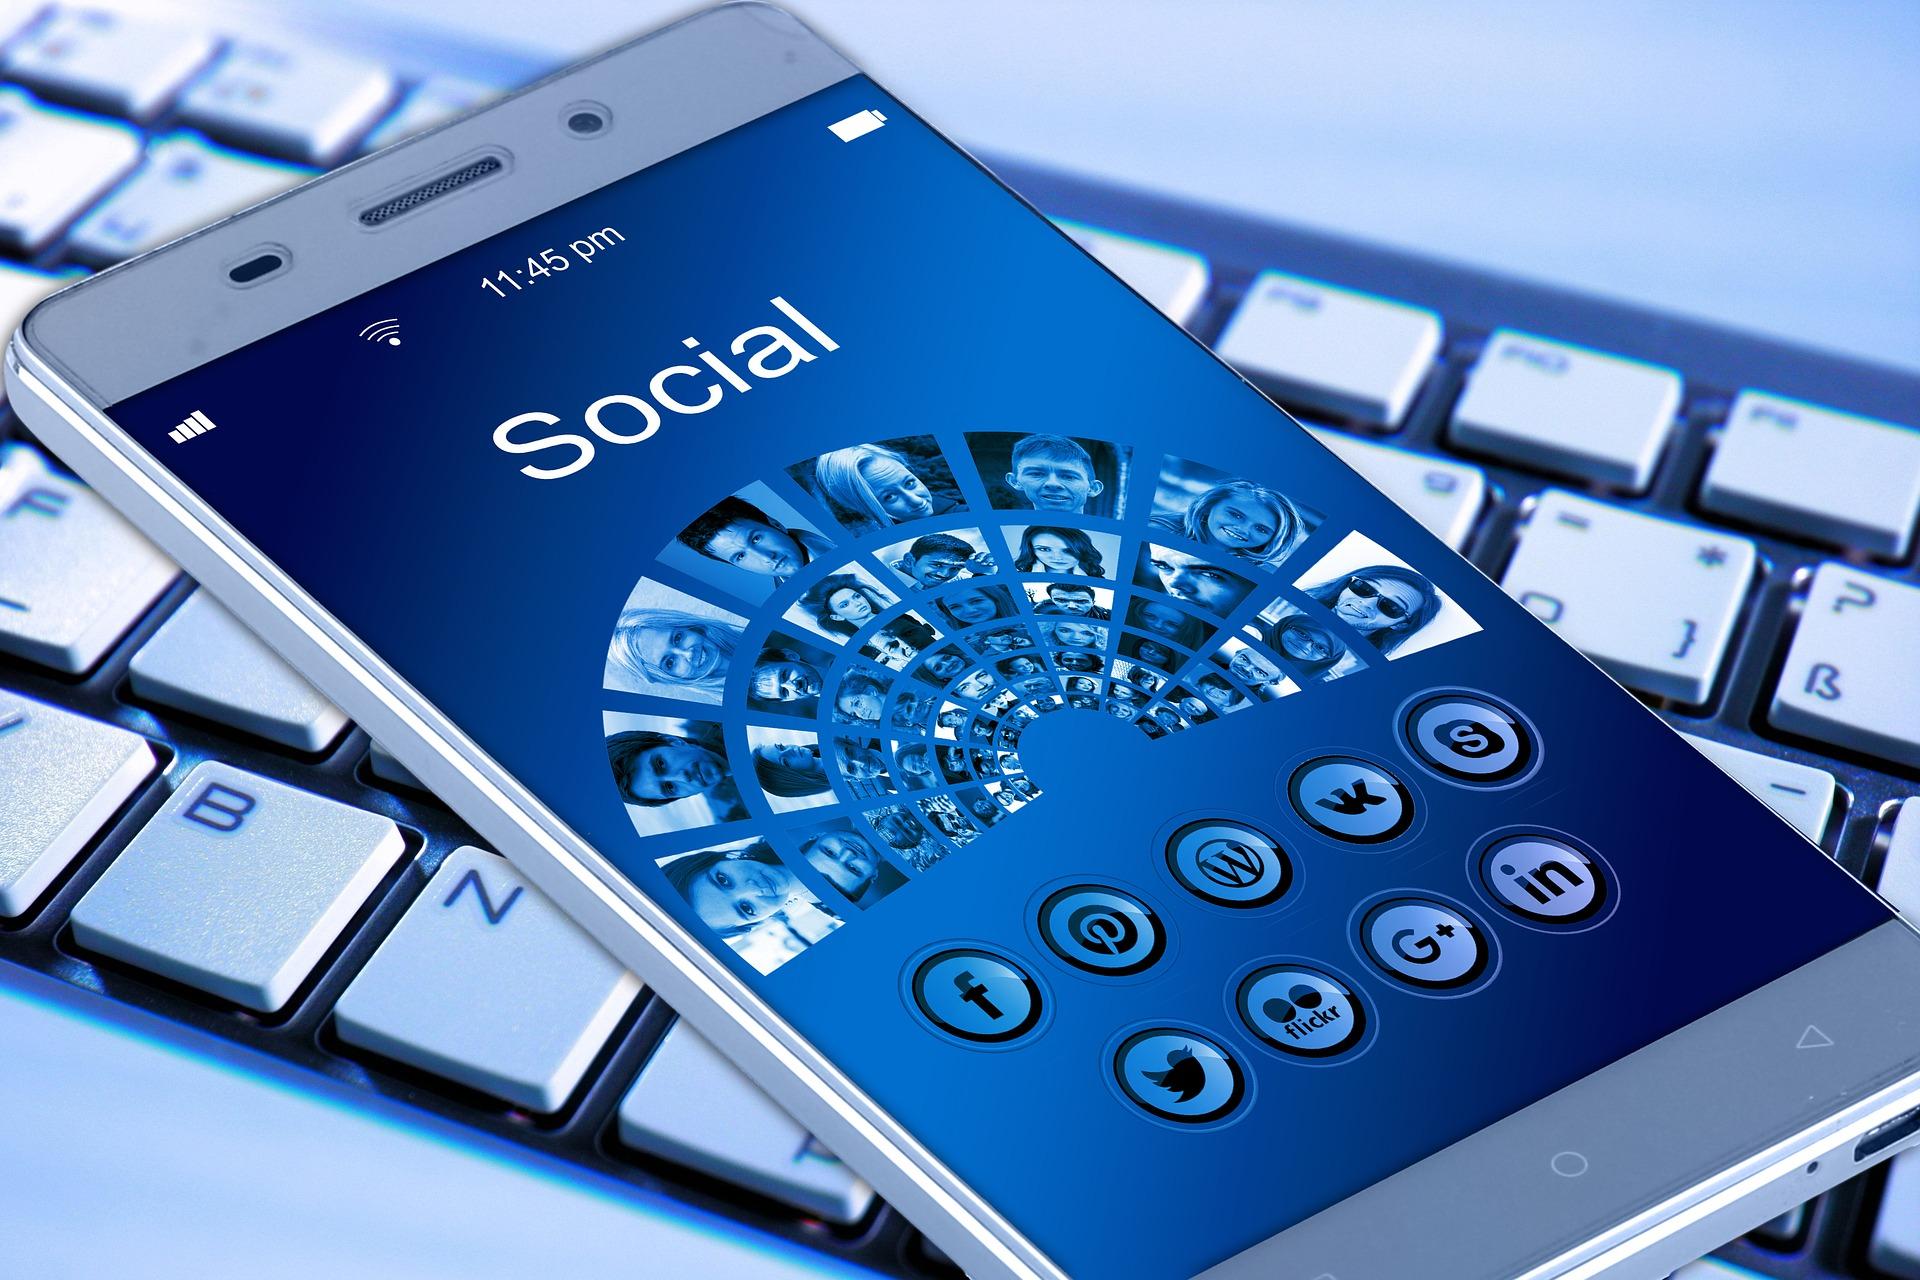 1917737_1920_L_mobile-phone-_Social Media - Copy